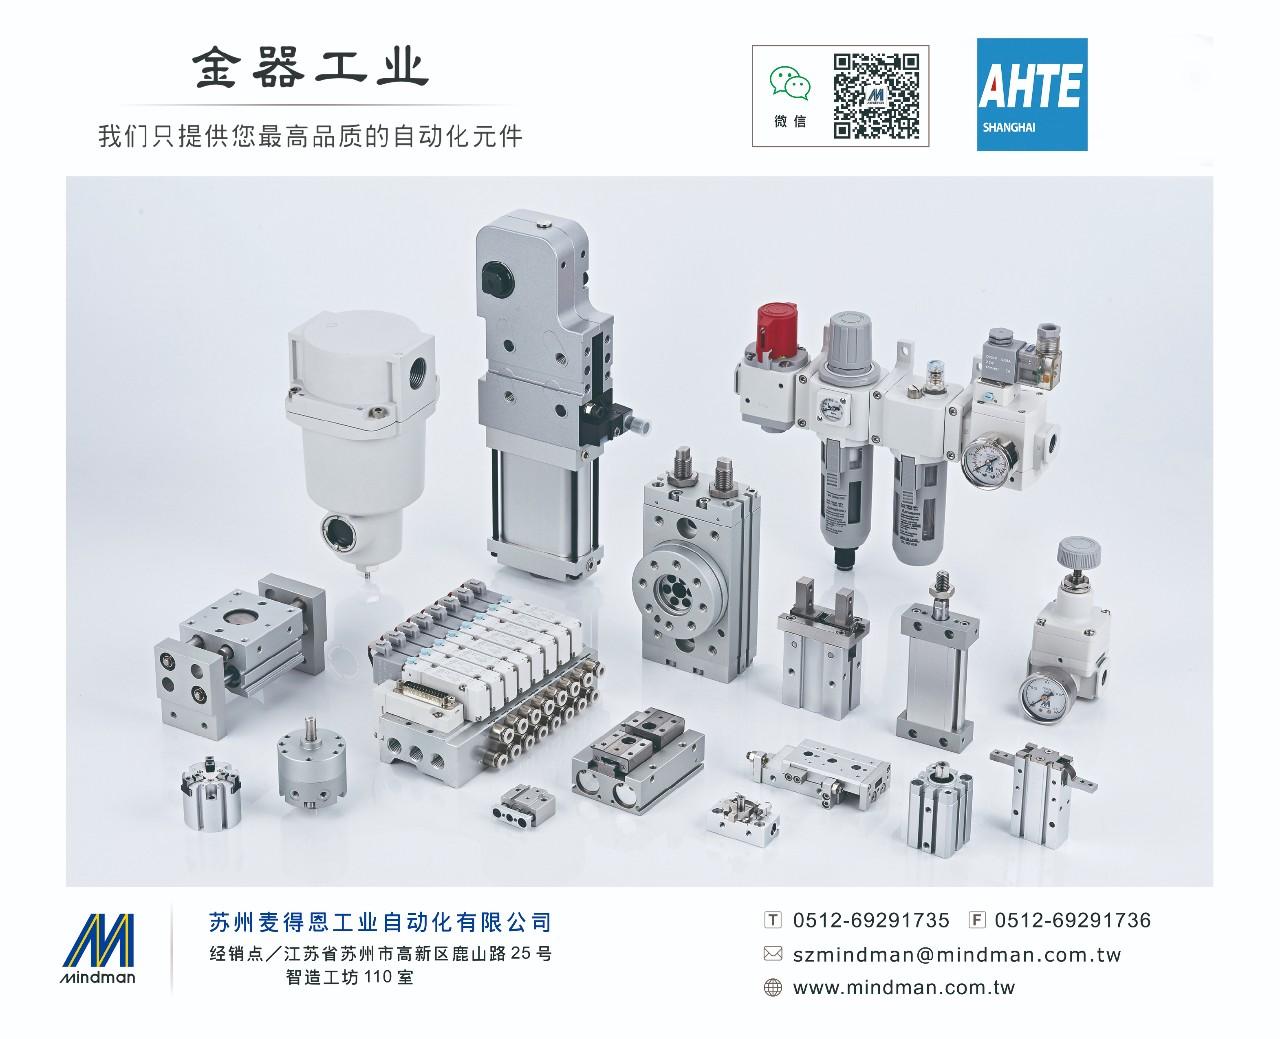 金器 | 气动自动化专业制造商